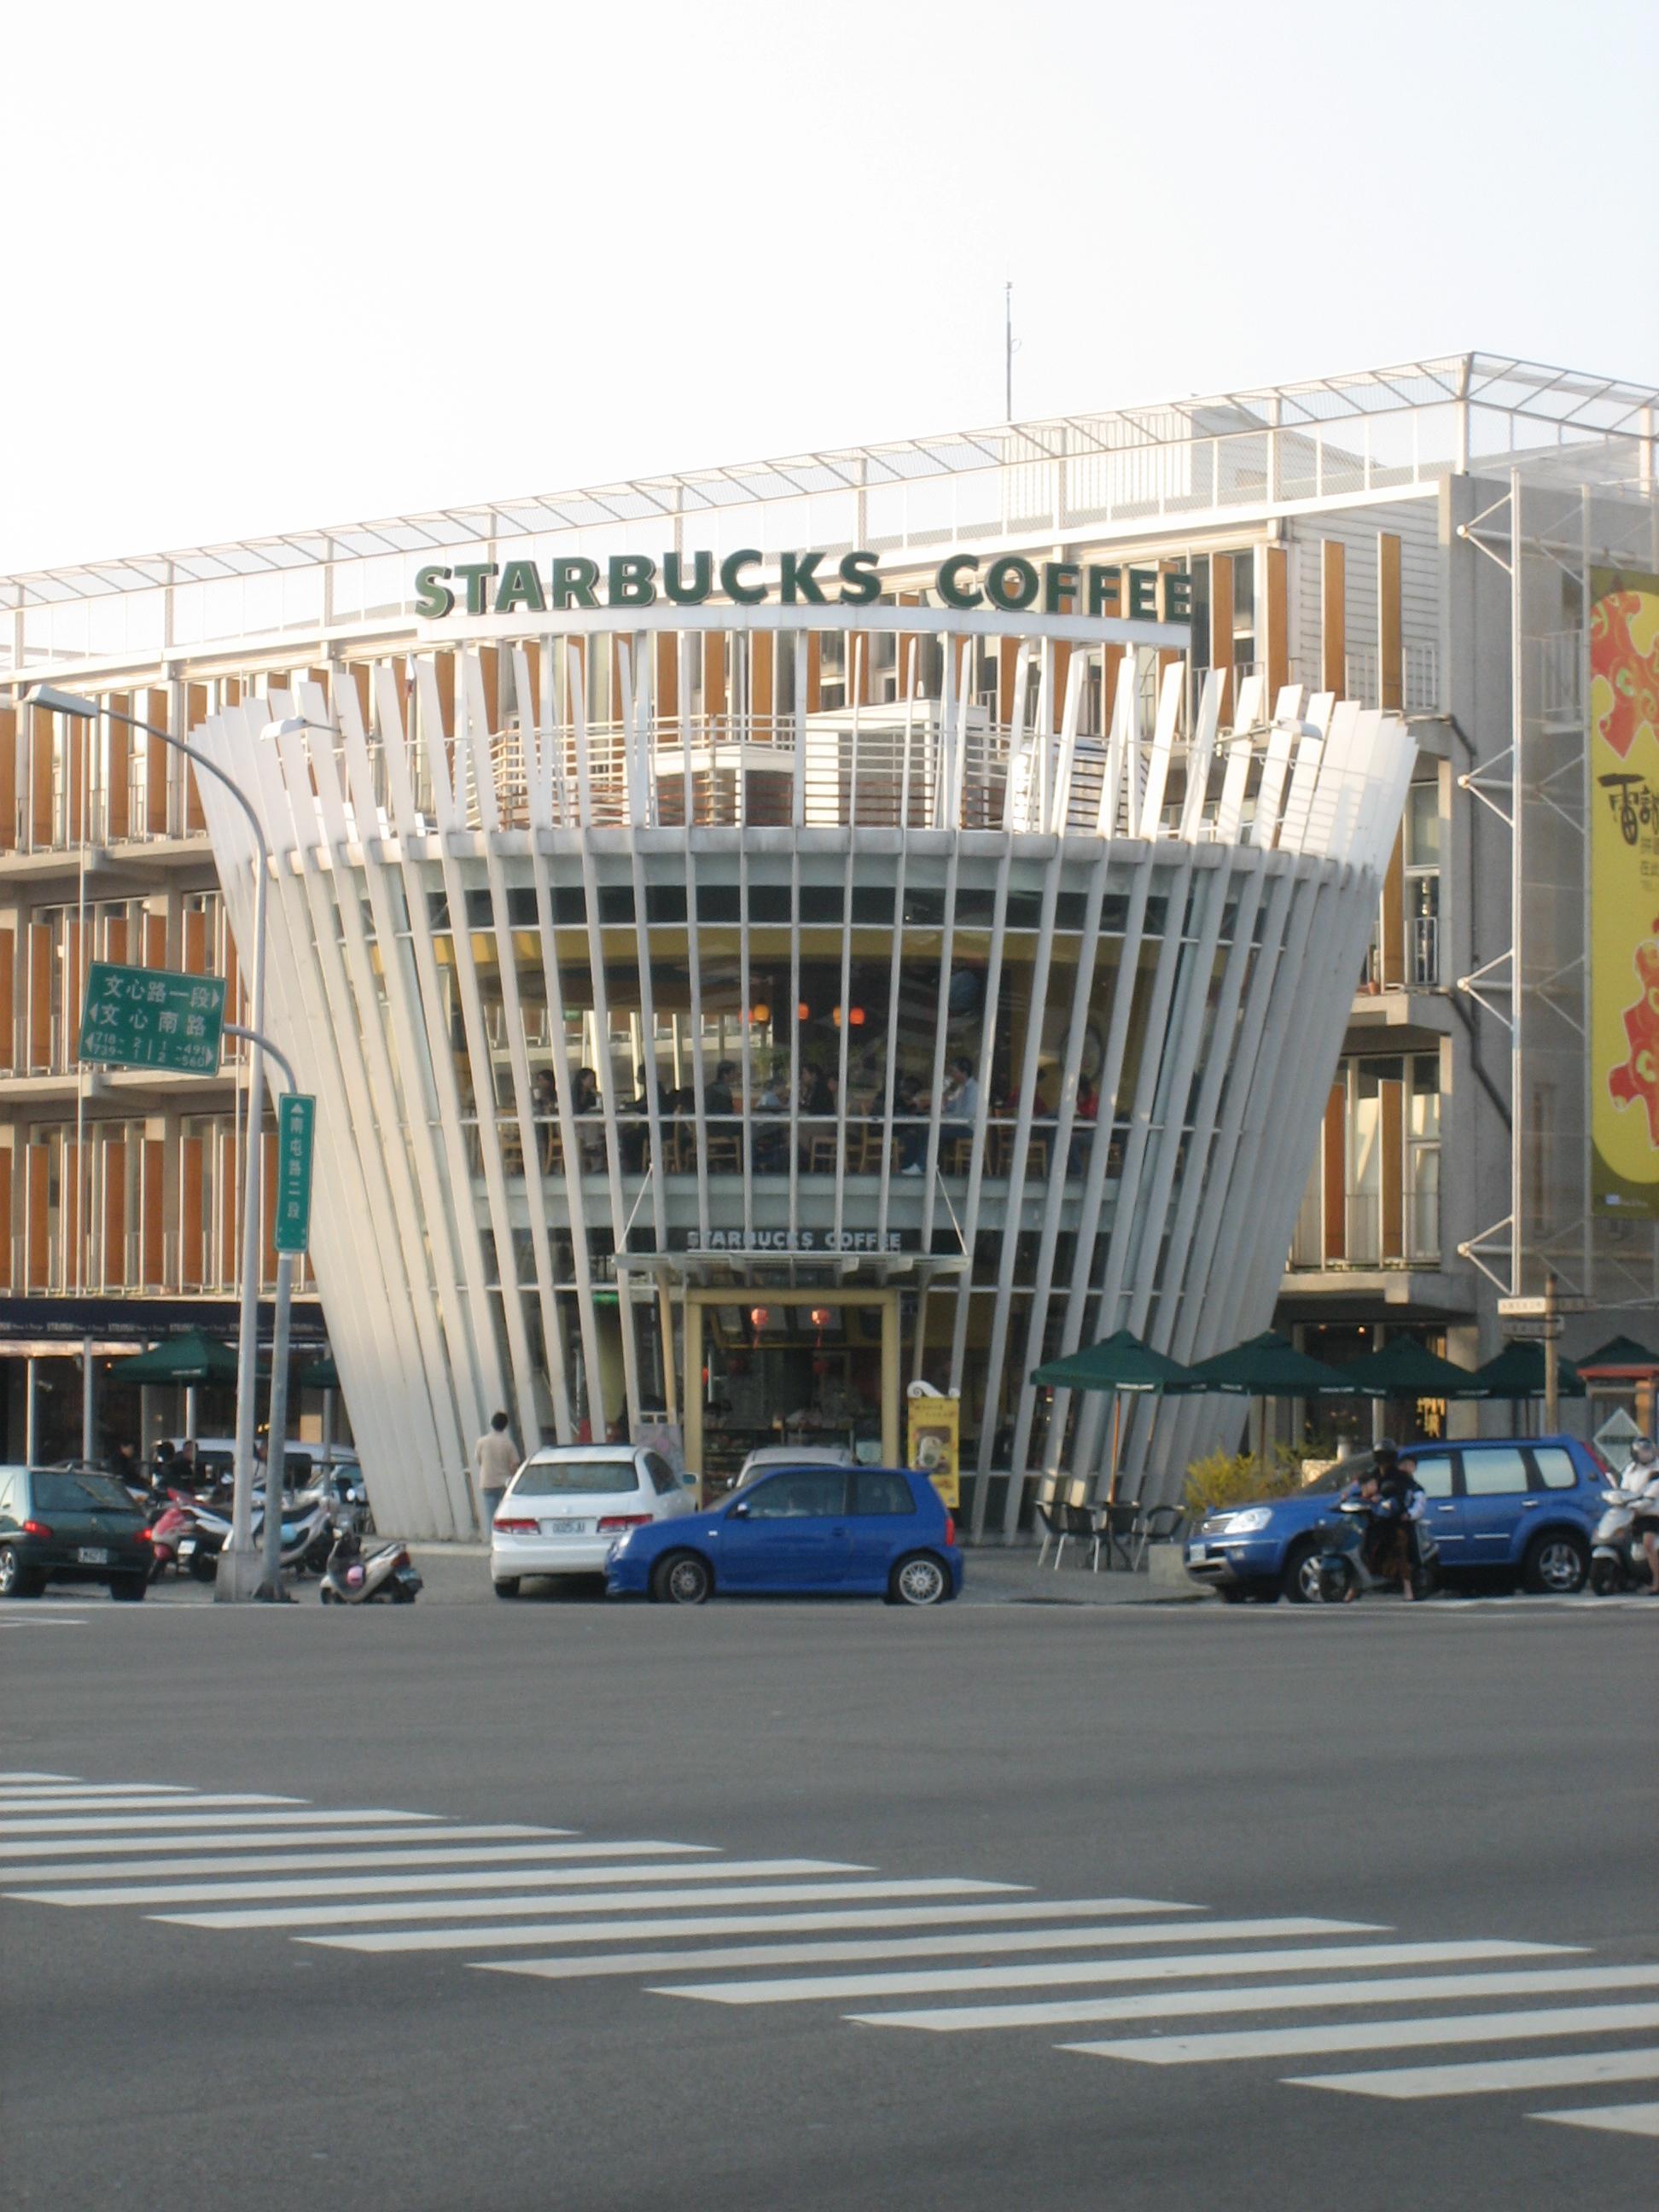 Starbucks Coffee in Taichung